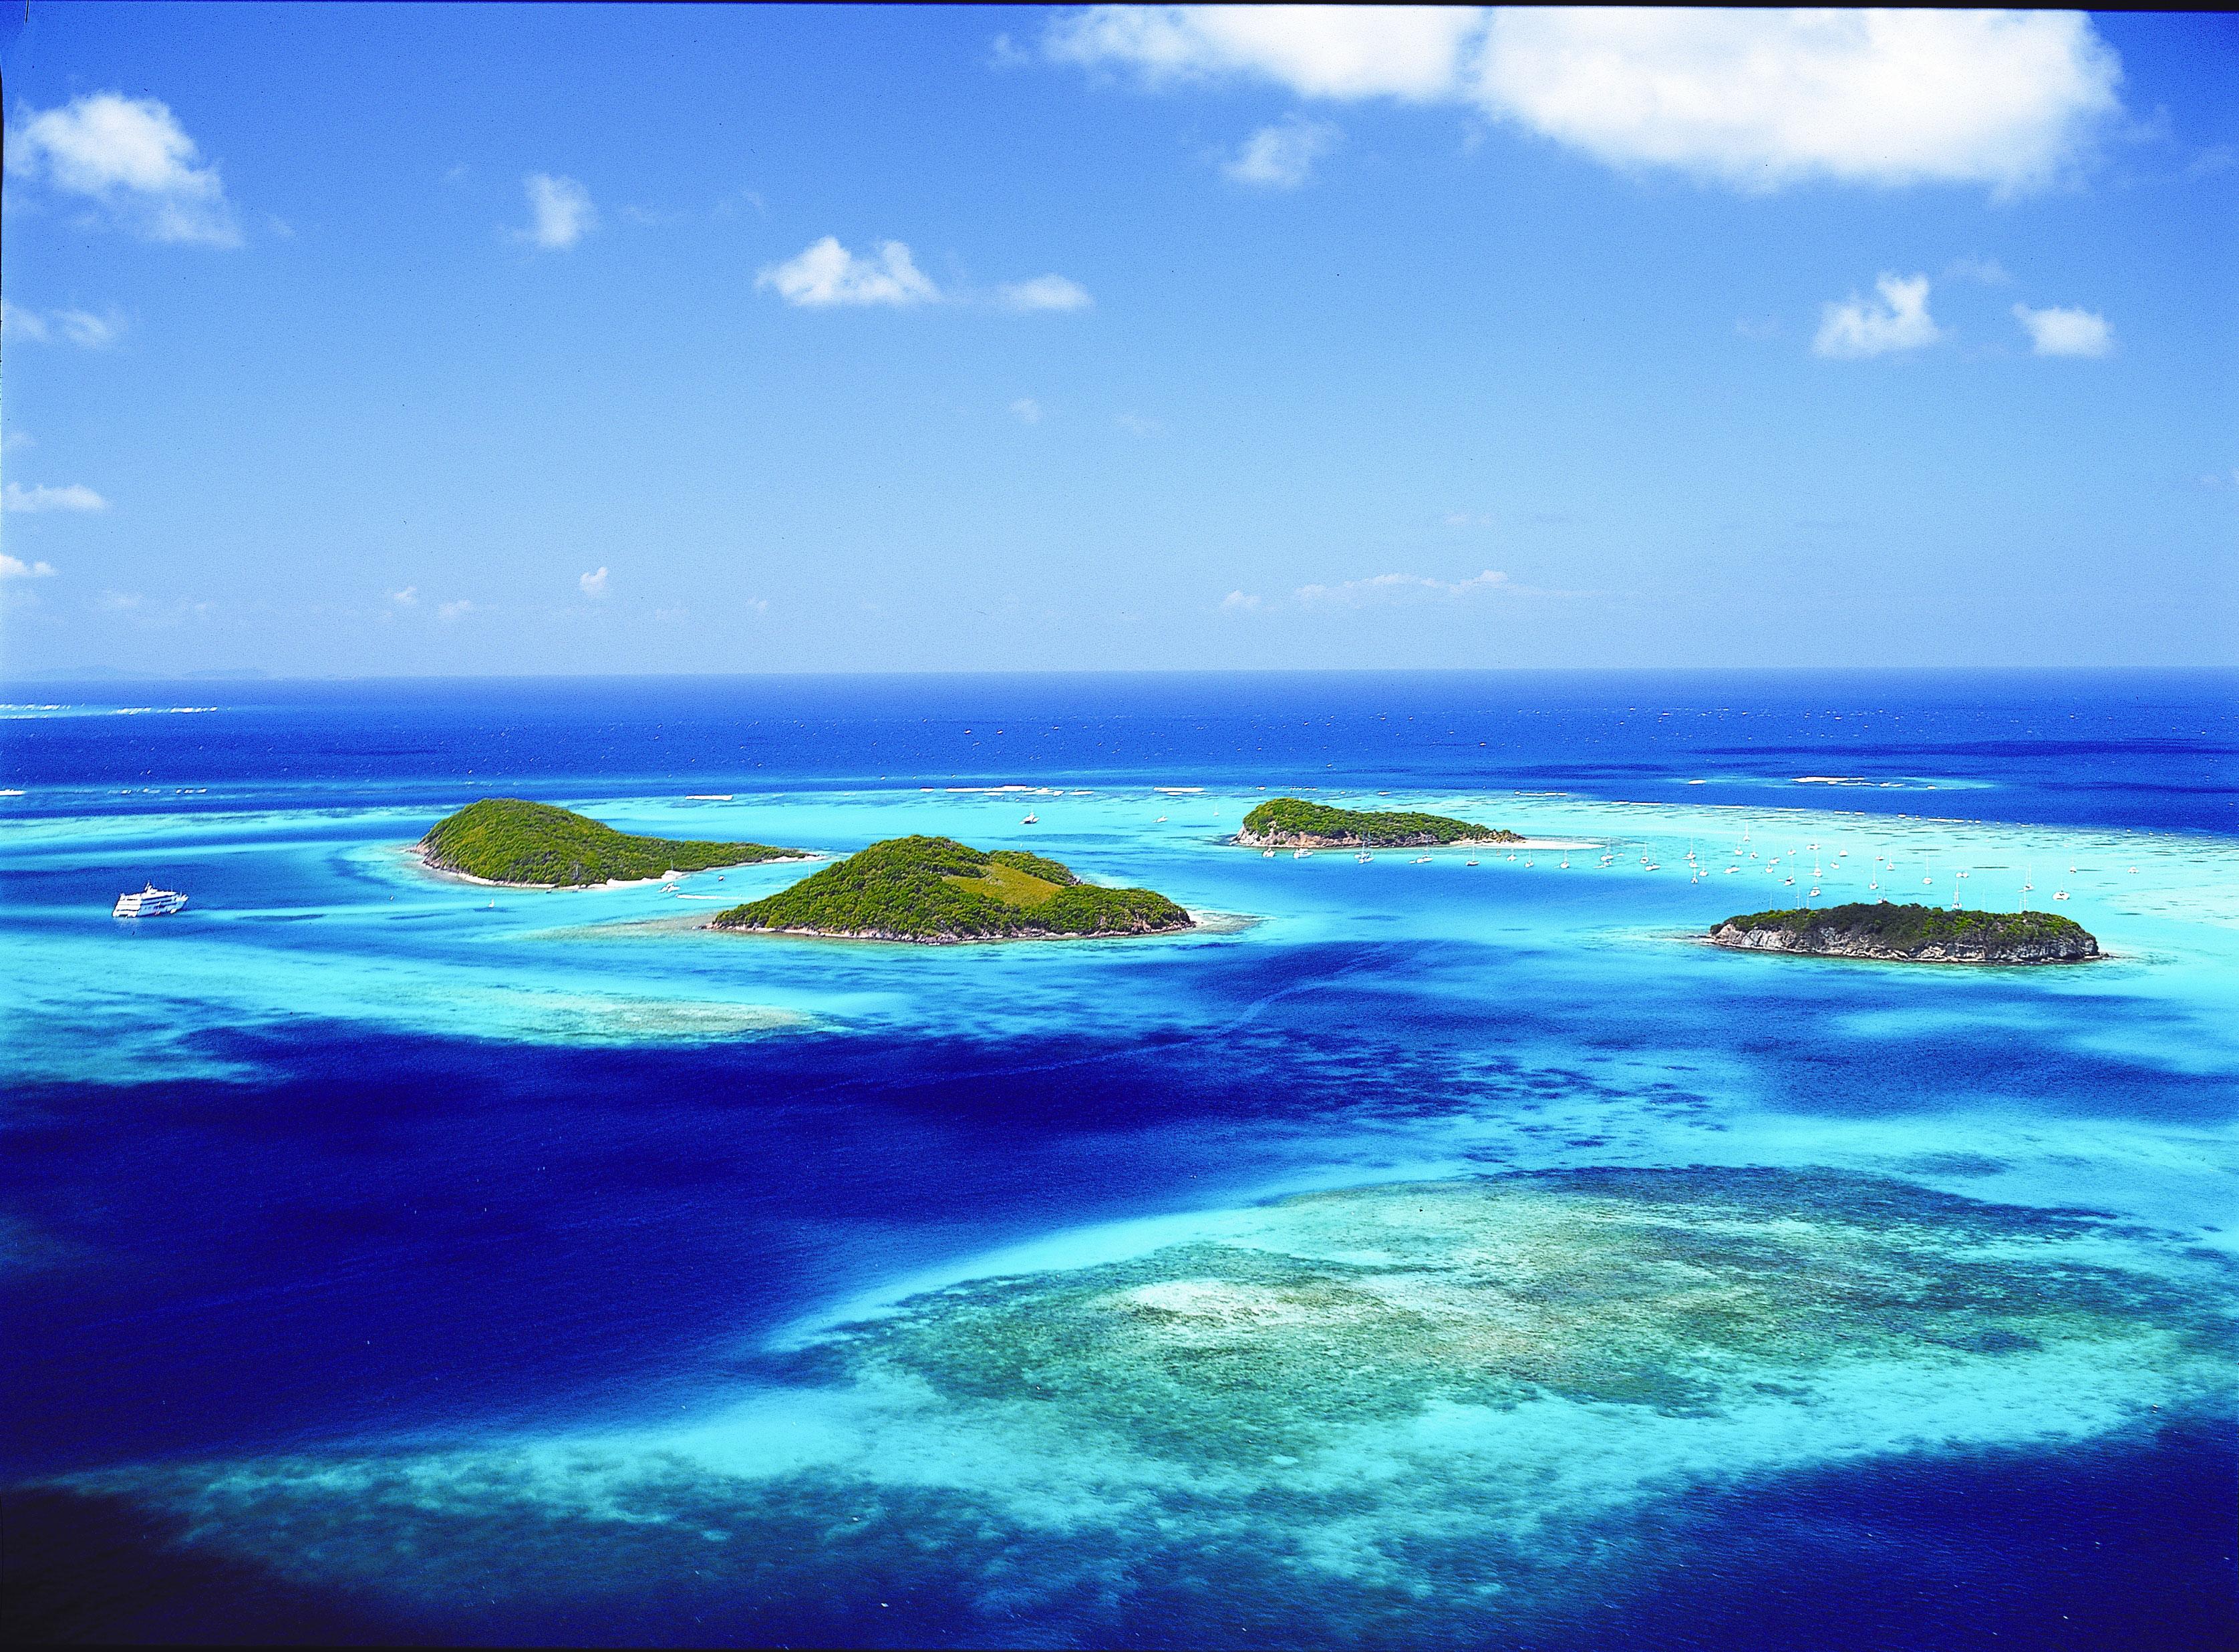 Noleggio Barche Tobago Cays - Navalia | Noleggia un Sogno